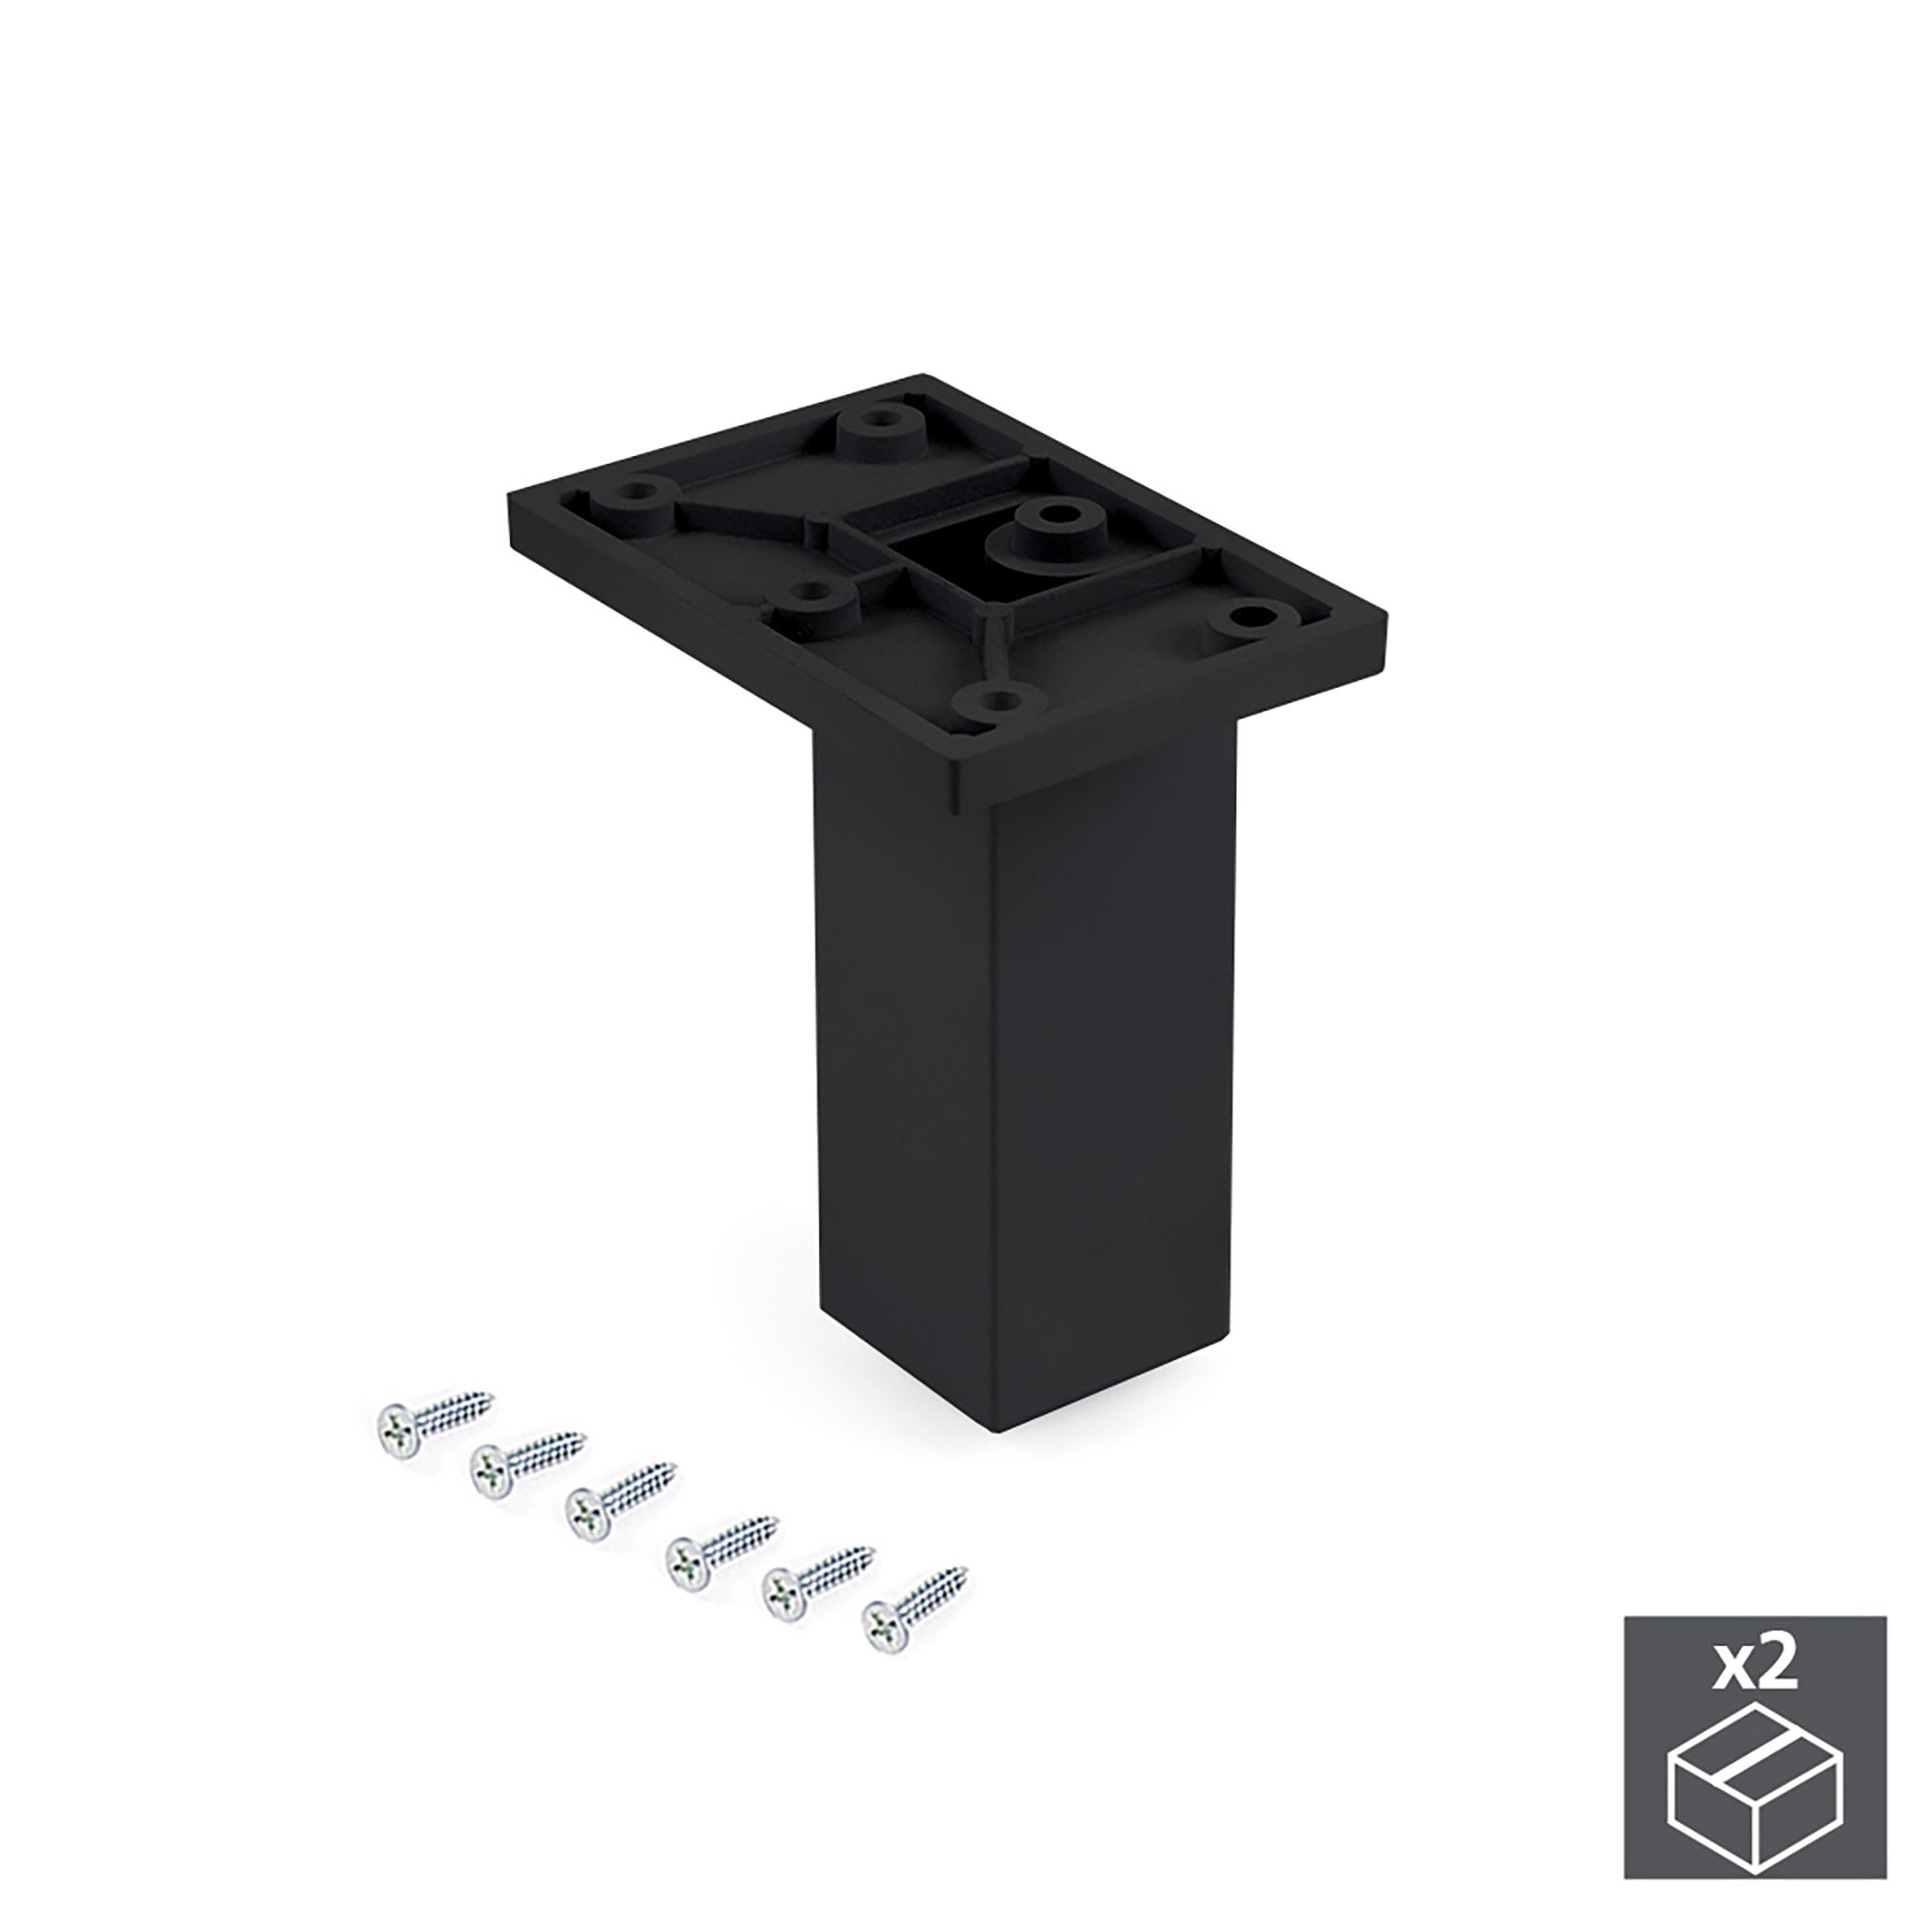 Emuca Piedino per mobile, centrale, regolabile, 100 - 110 mm, Plastica, Nero, 2 un.